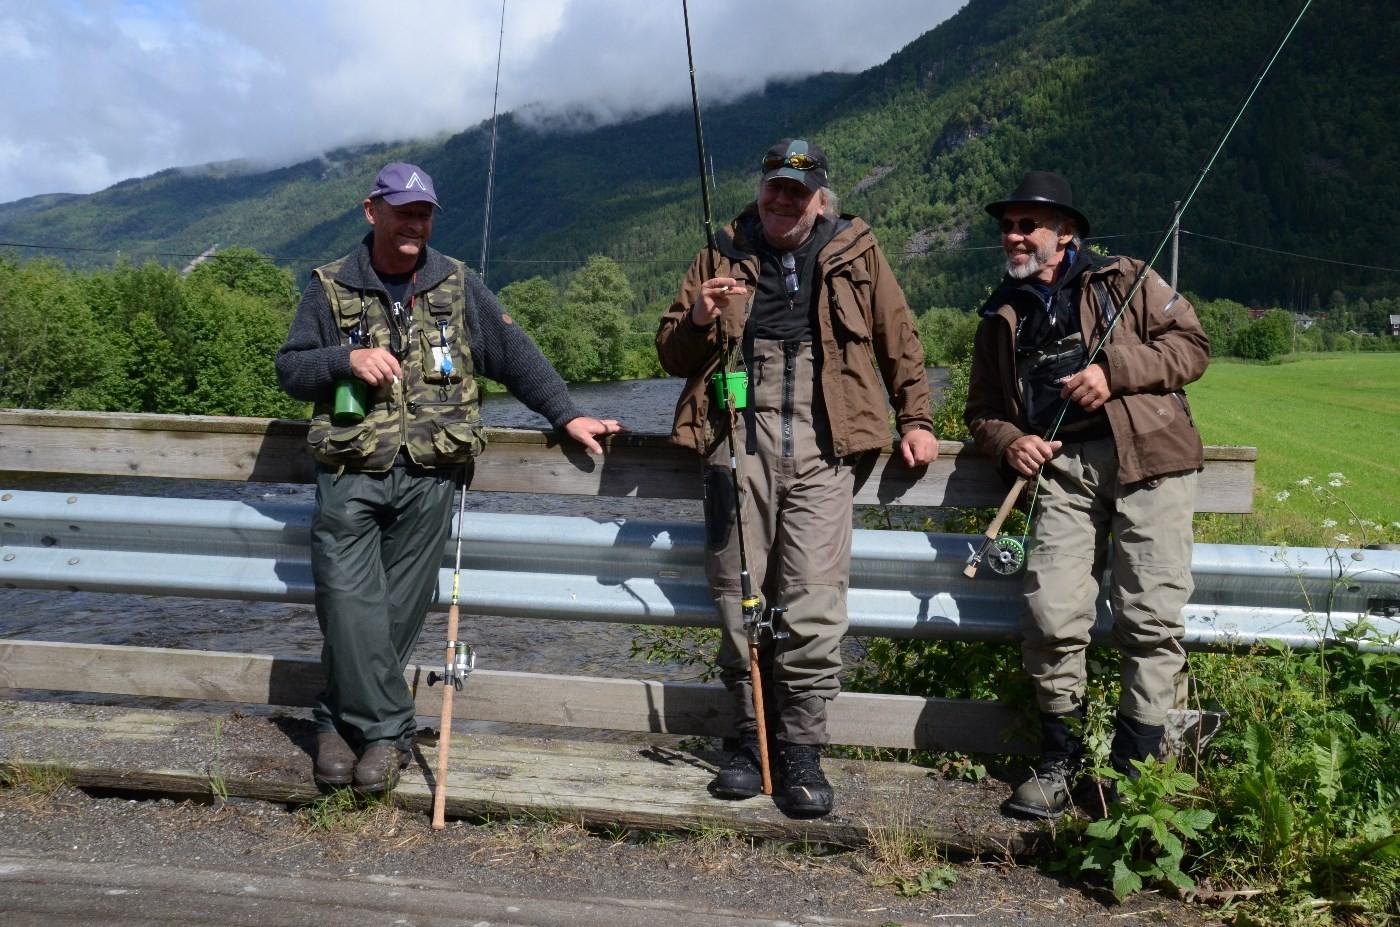 Kjentfolk på Øyabrua, klare for ei ny økt i Toåa. Frå venstre Ole Petter Kjernåsen, Ivar Borthen og Johan Nygaard.   Foto: Jon Olav Ørsal